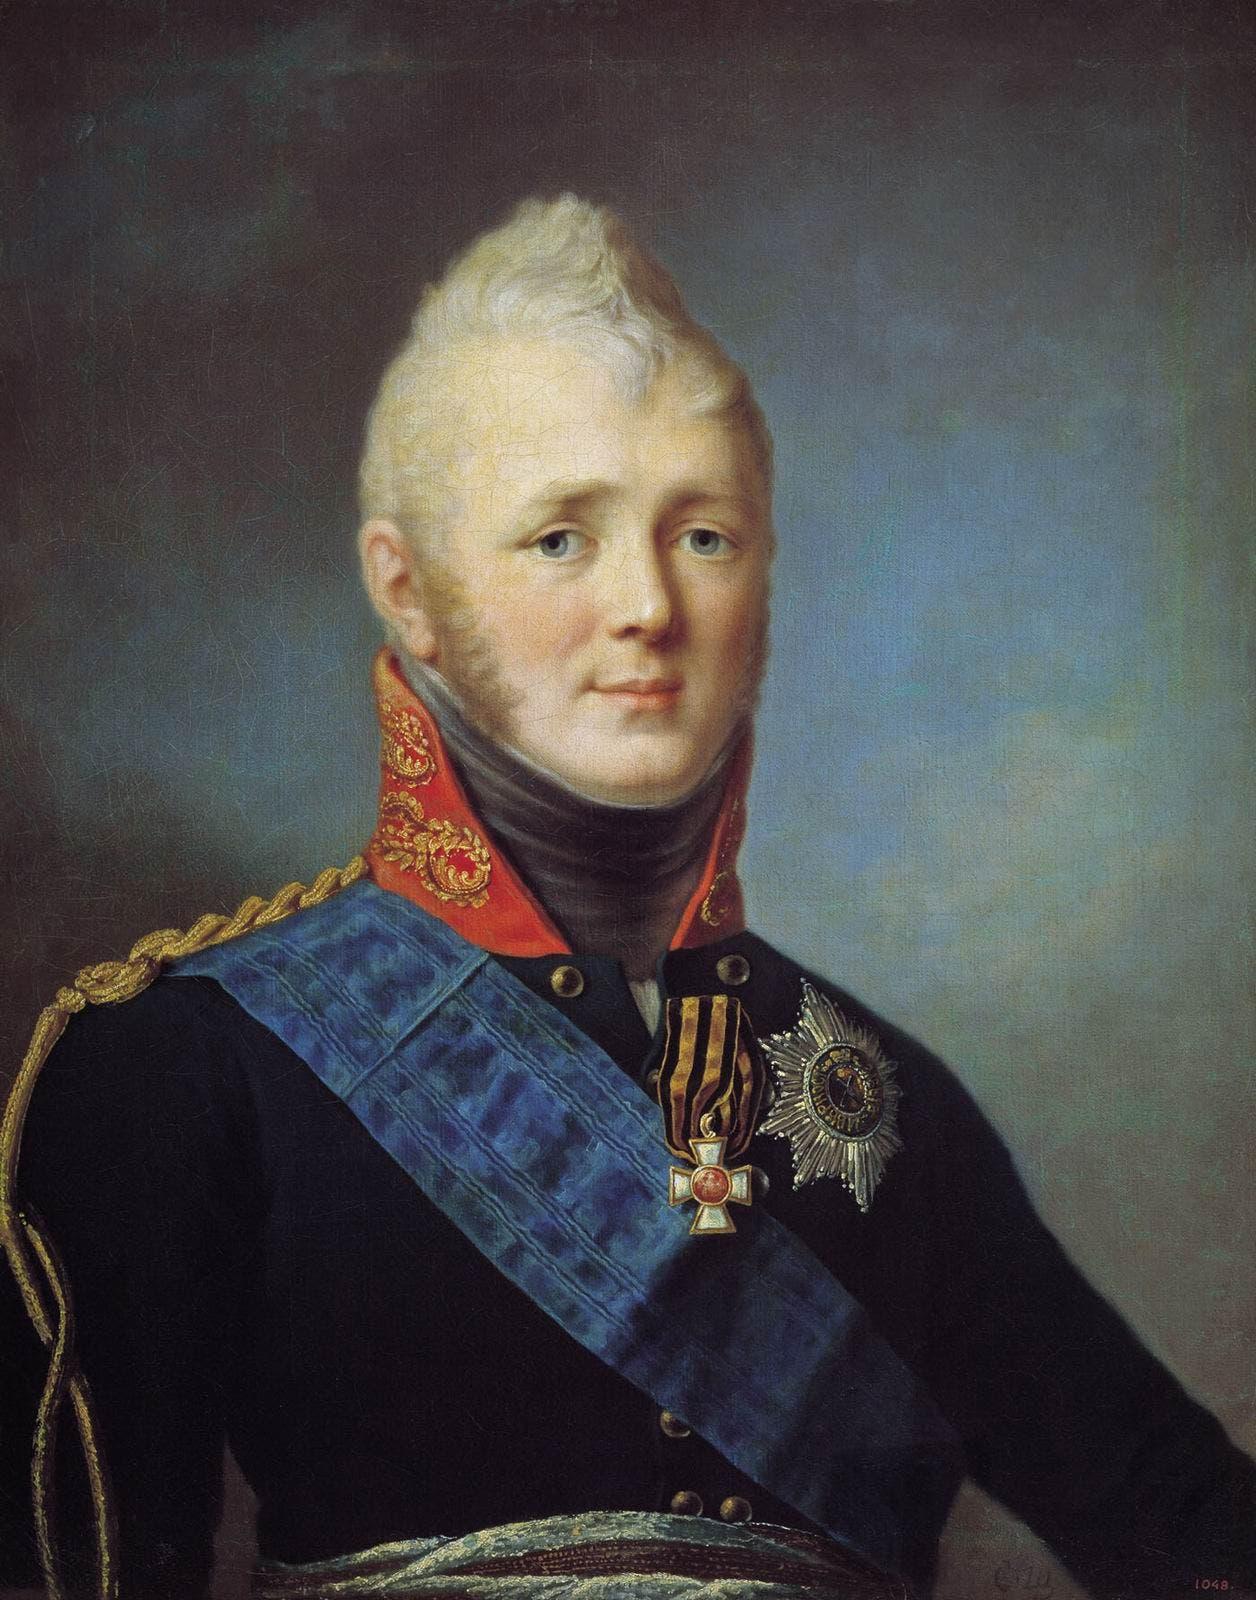 صورة للقيصر الروسي ألكسندر الأول